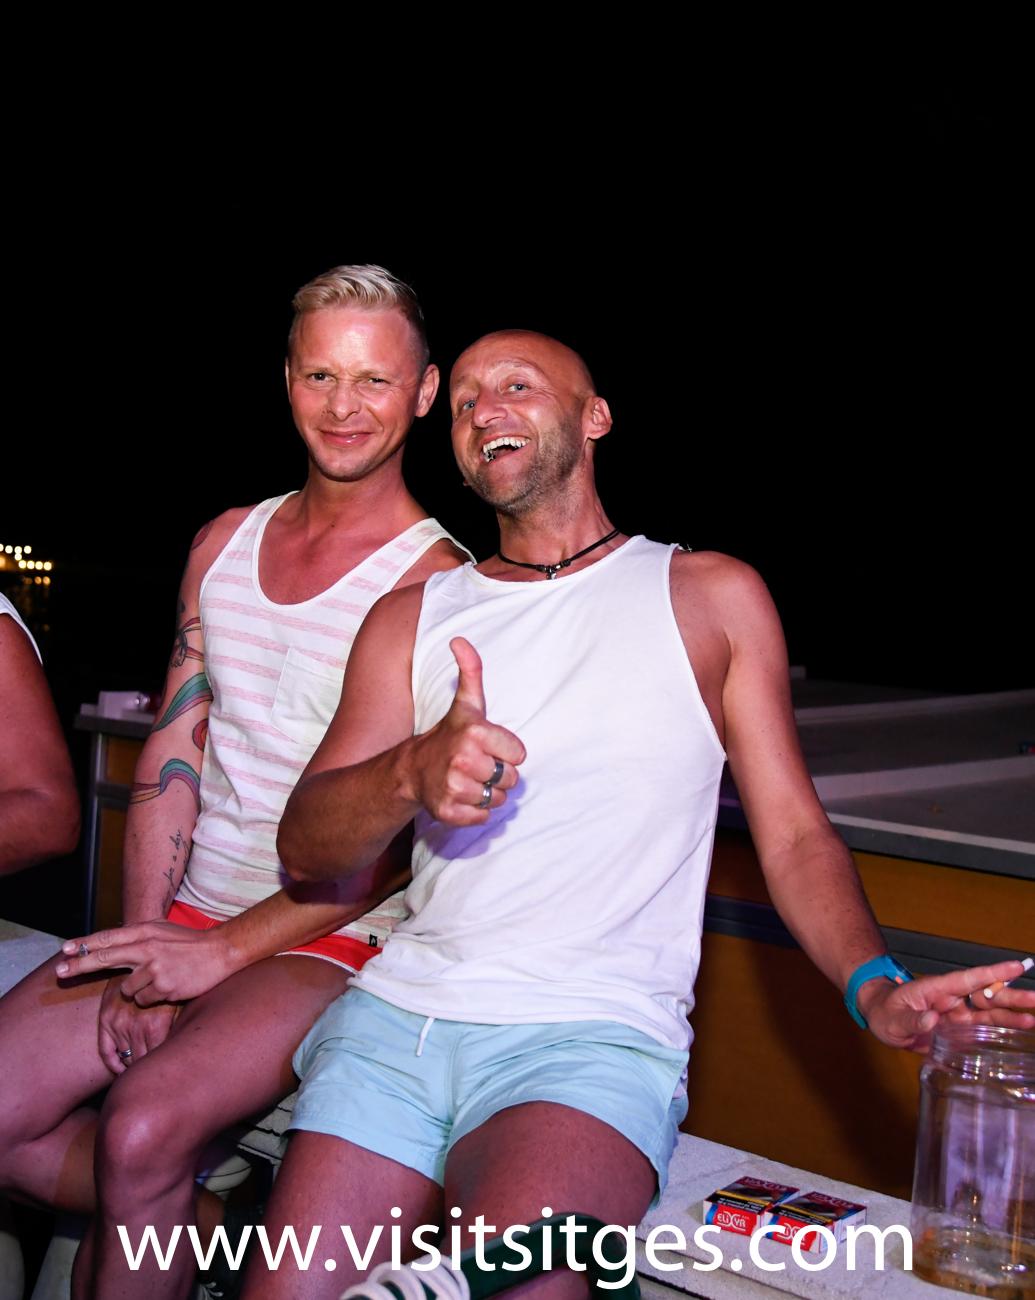 Gay Pride Sitges 2018 - Domingo